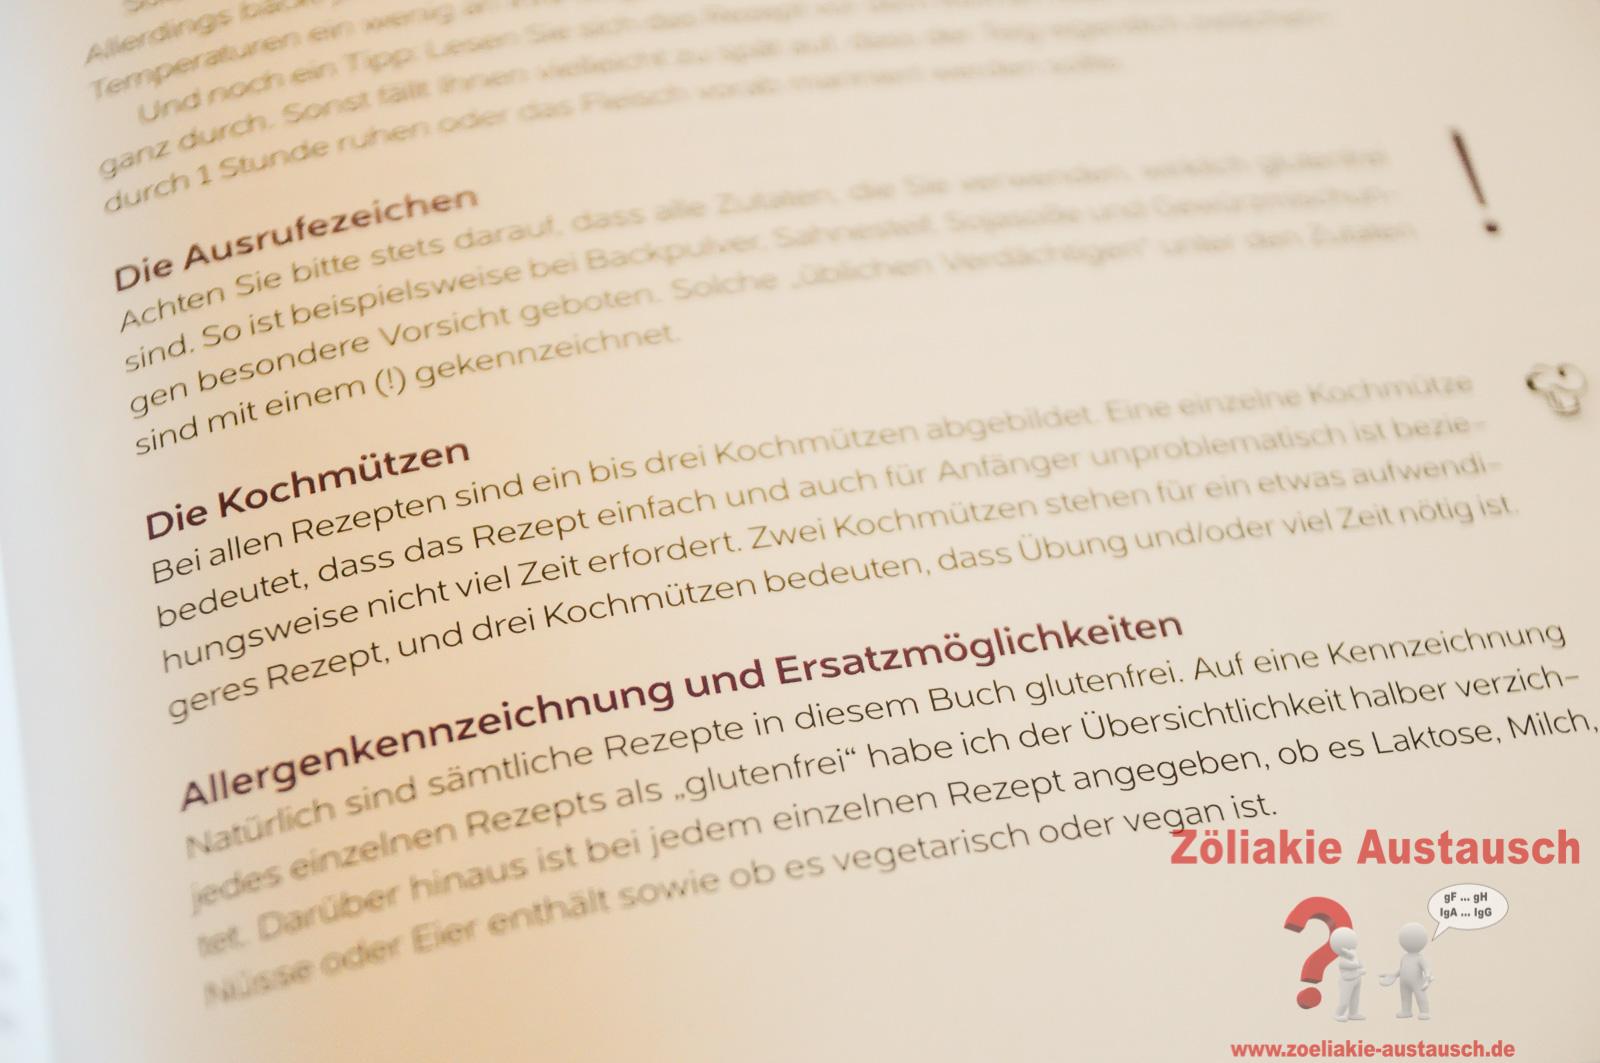 Buch_garantiert_glutenfrei_geniessen_DSC_5490